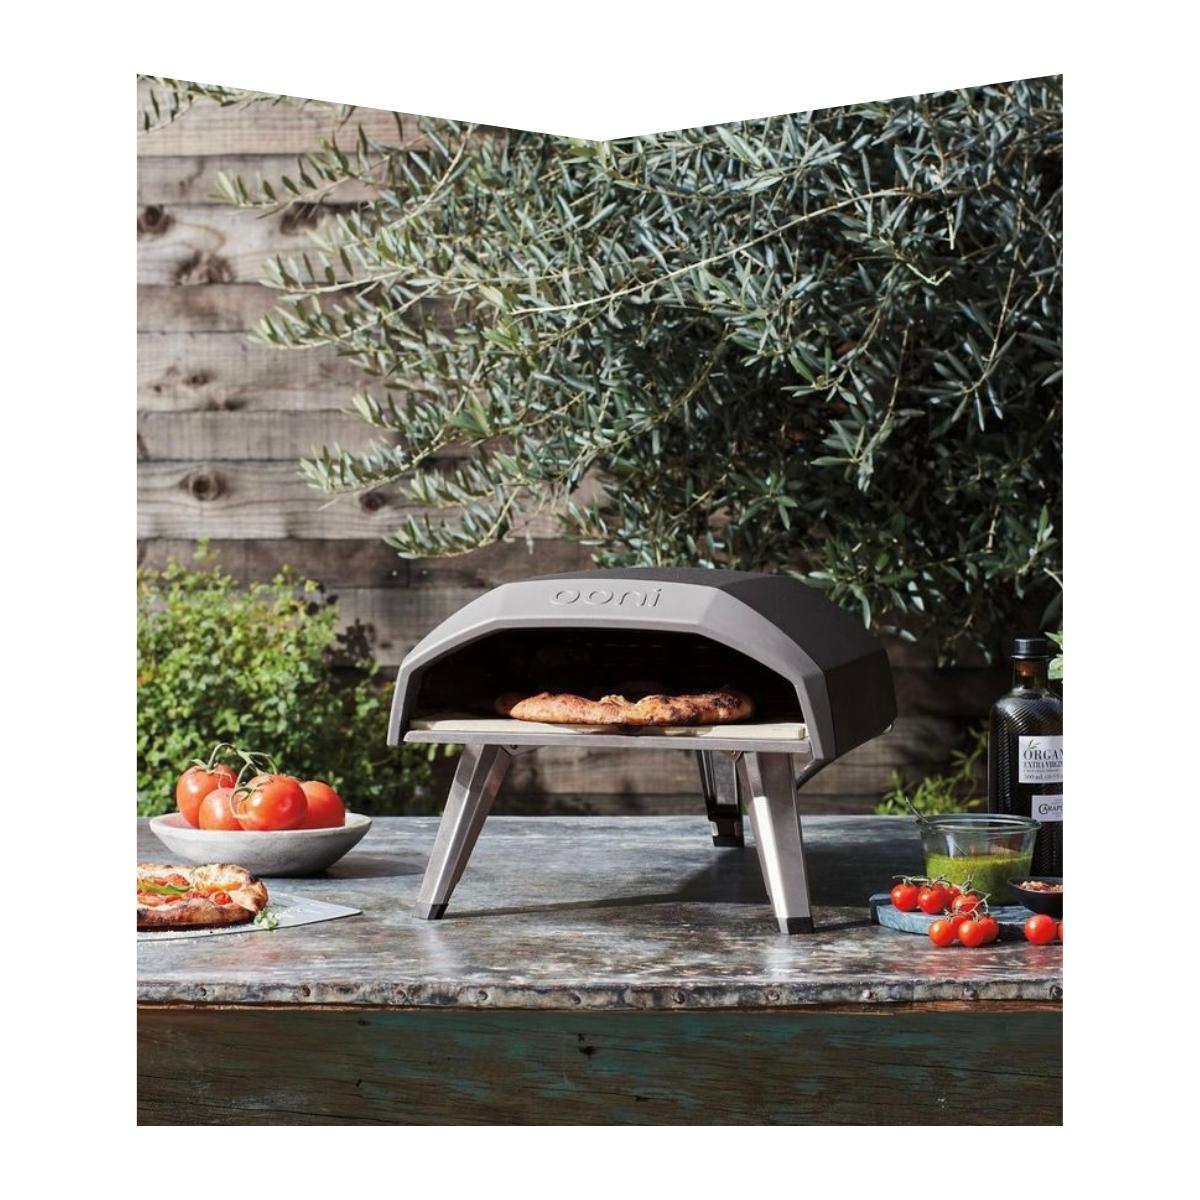 Pizza Oven Crate & Barrel